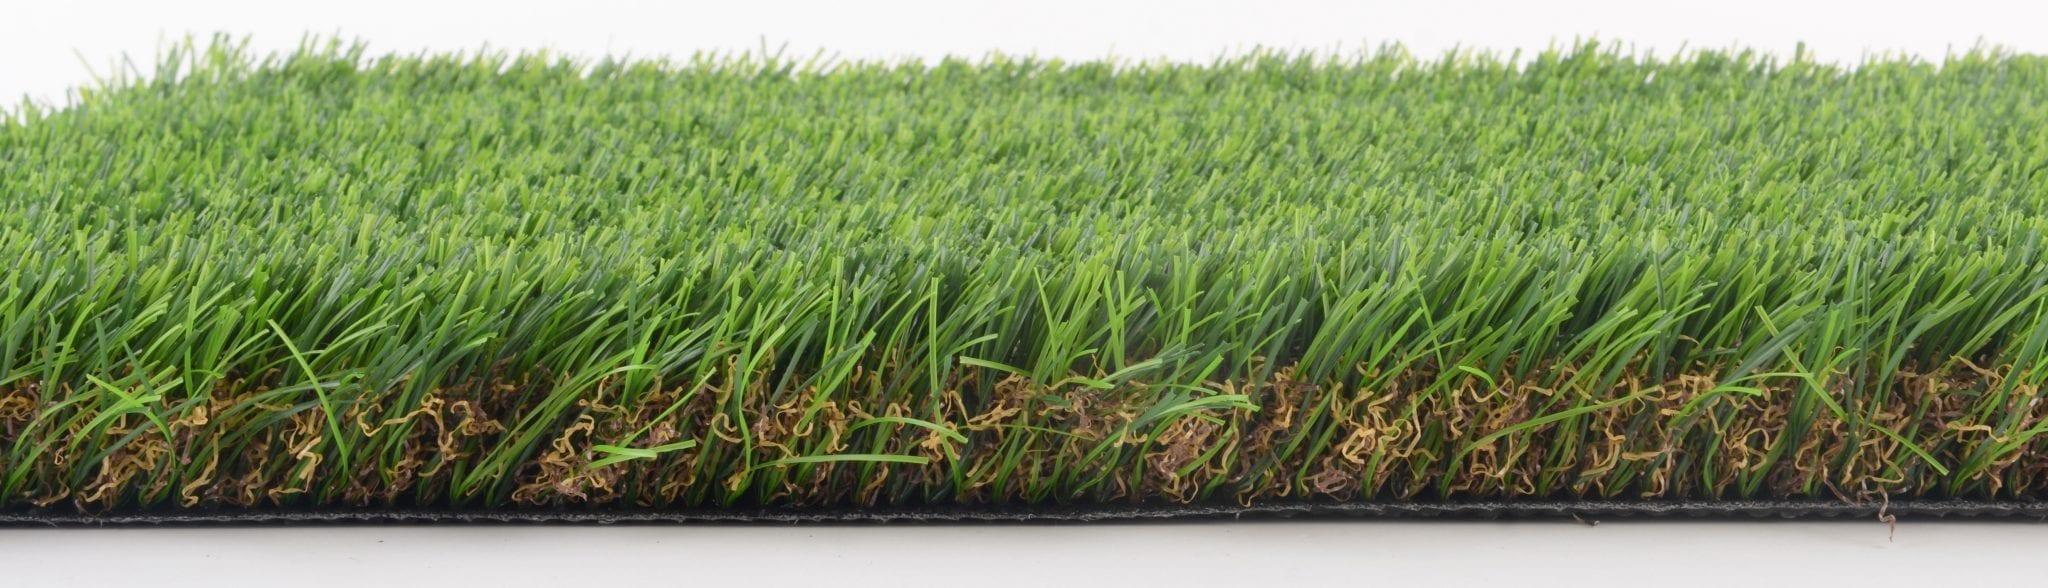 דשא סינטטי אקו